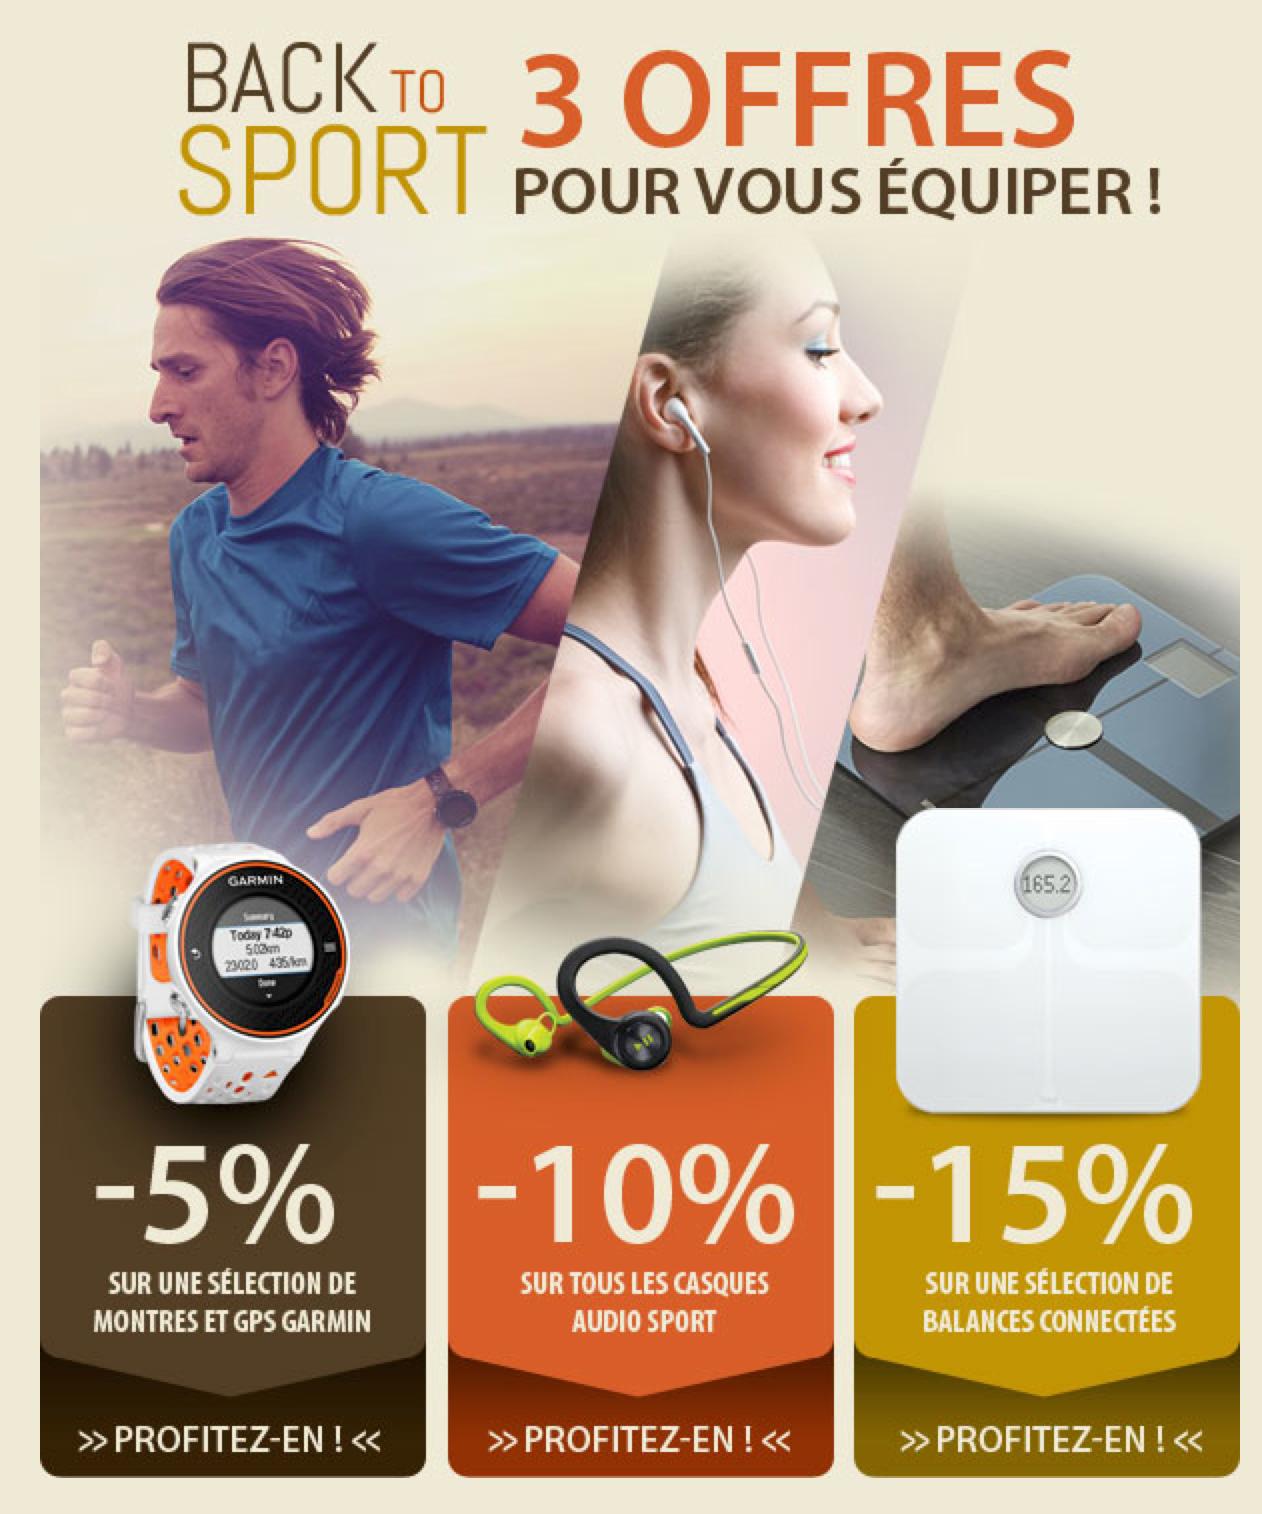 Back to Sport : -10% sur tous les casques sport, -5% sur* les montres et GPS Garmin, -15% sur* balances connectées